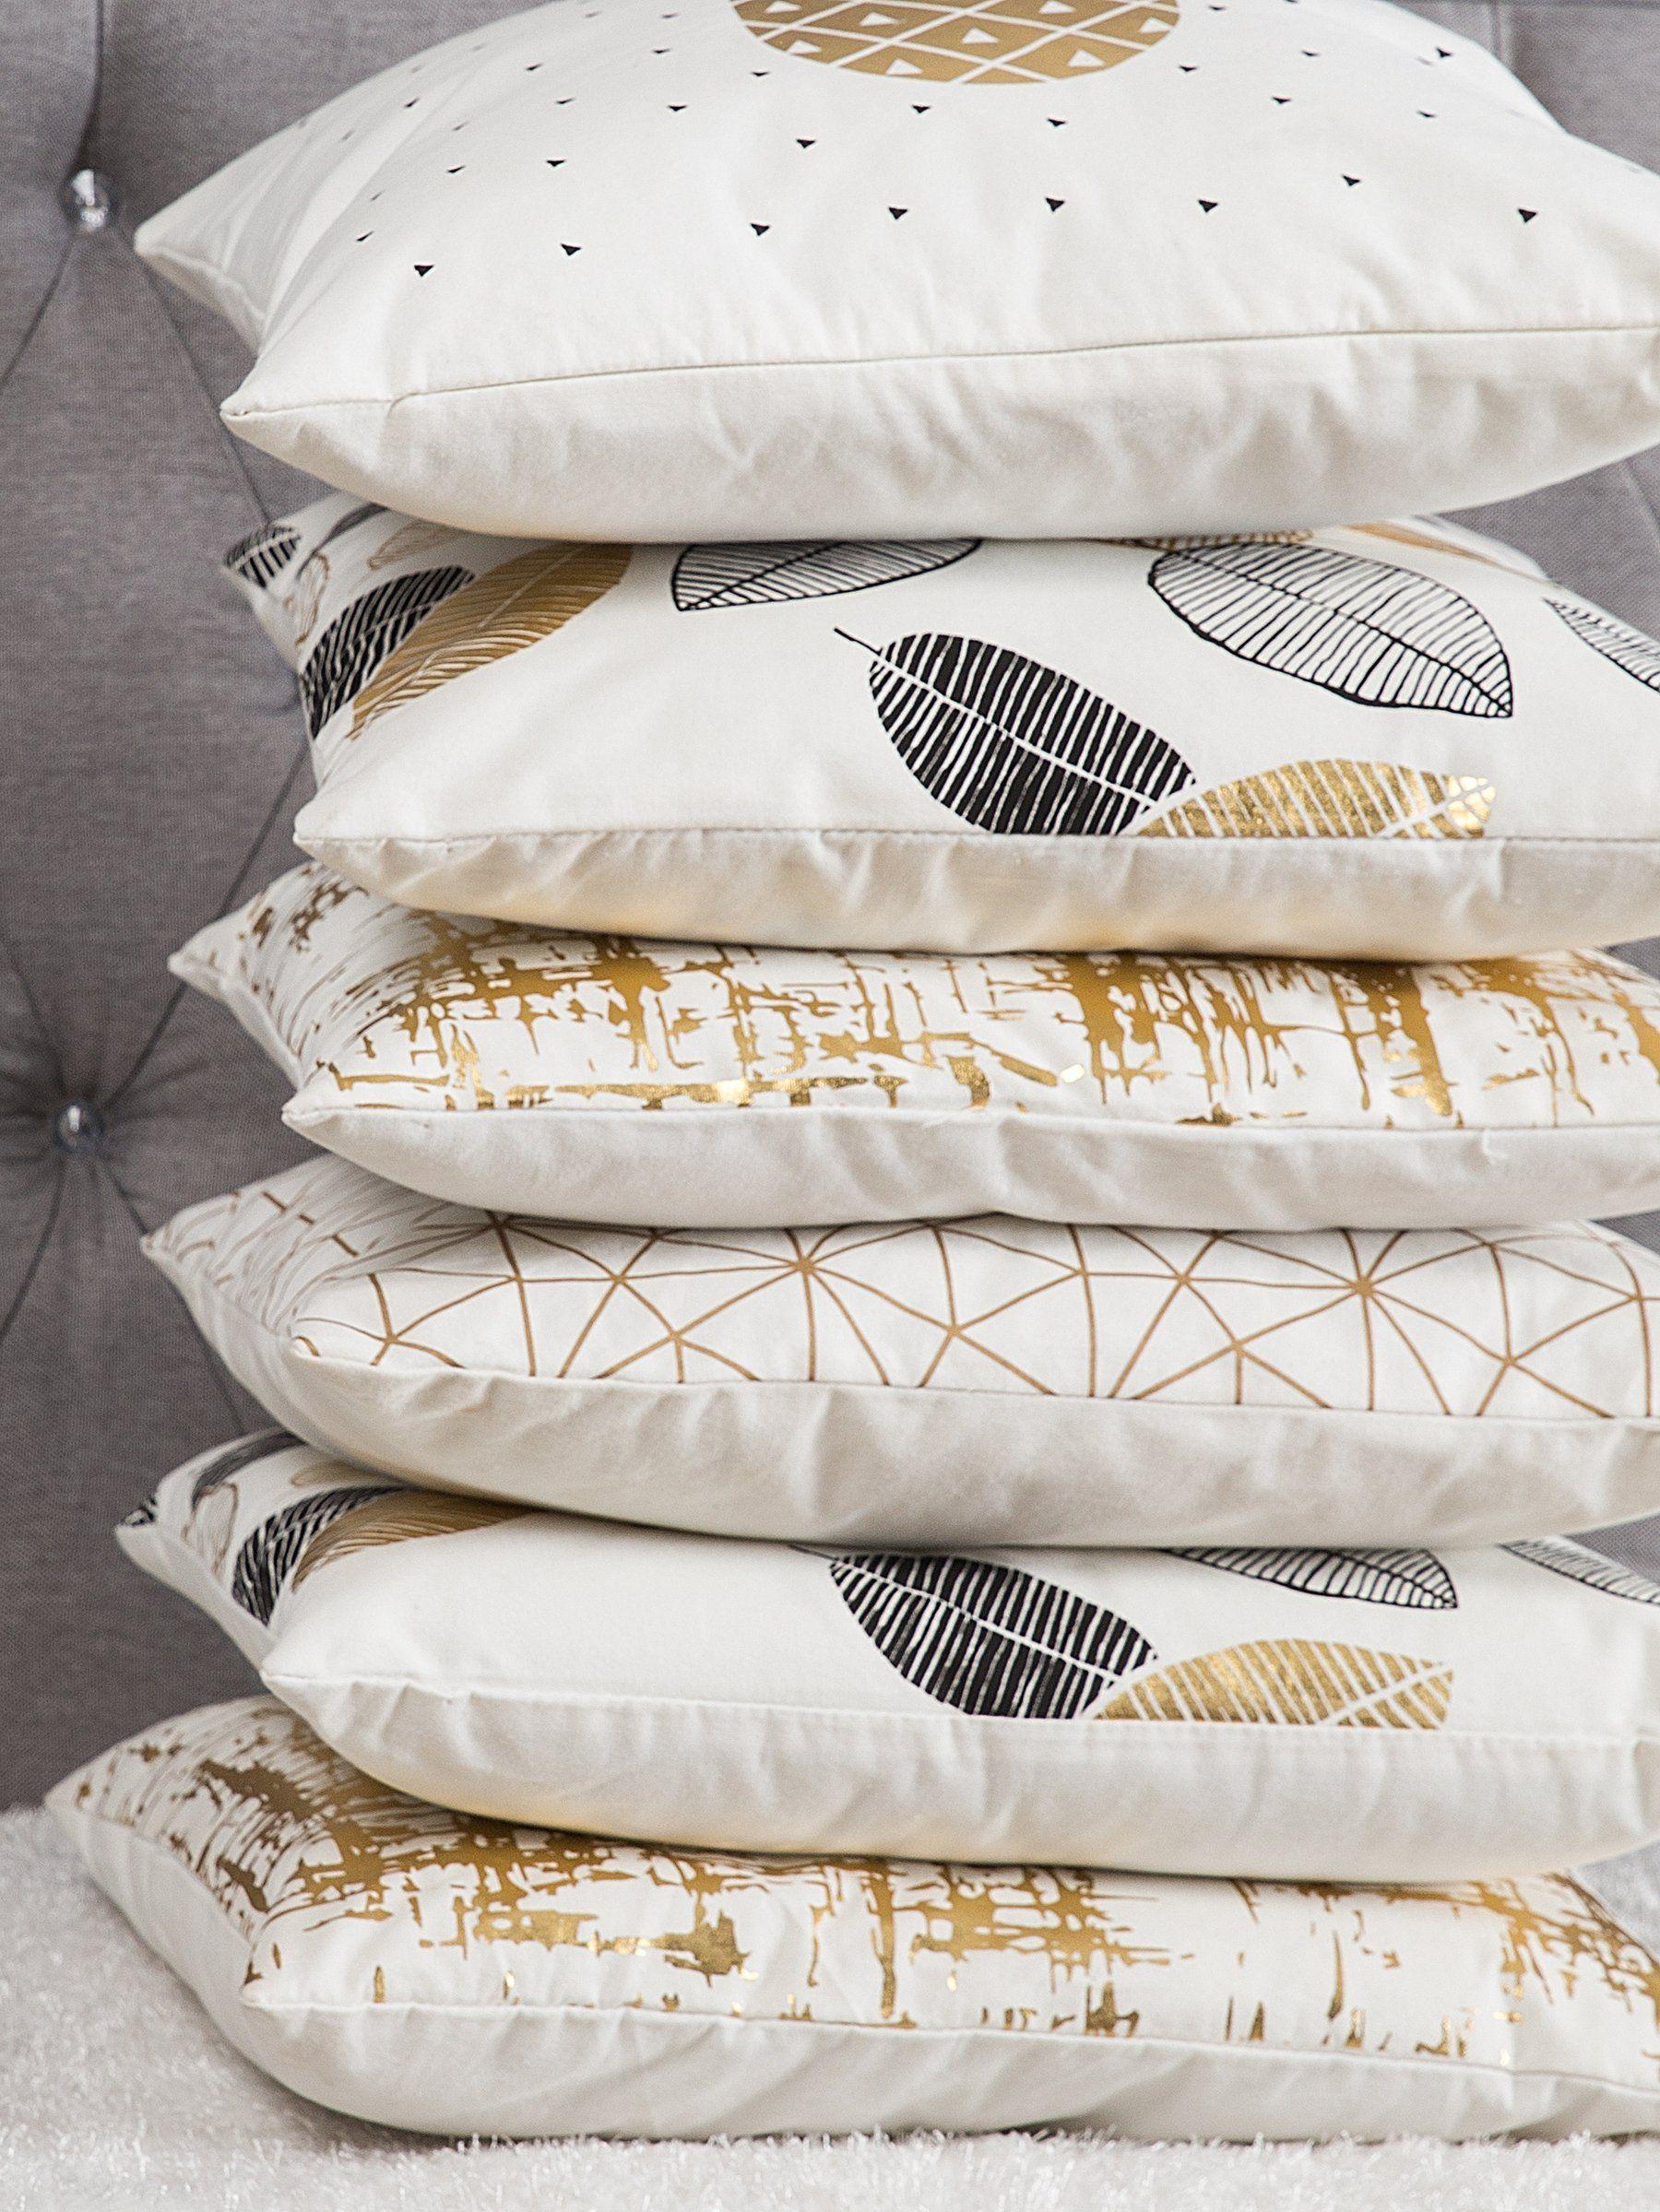 Poduszki Dekoracyjne W Kolorach Złota I Bieli Idealny